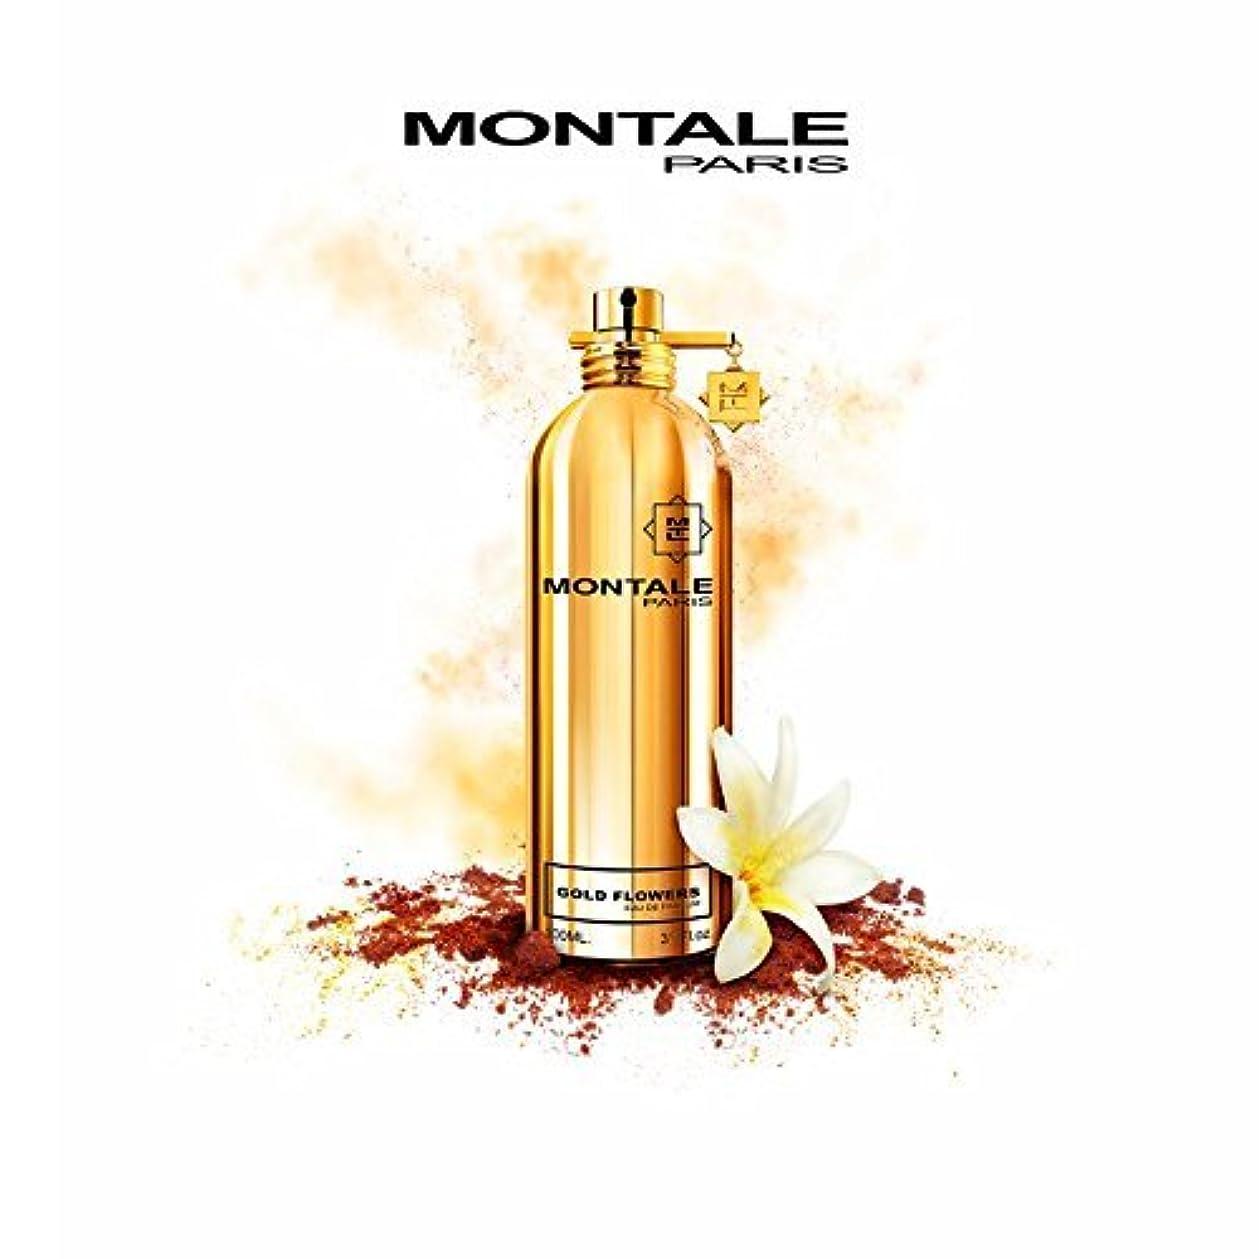 テクスチャー妨げるいつでもMONTALE GOLD FLOWERS Eau de Perfume 100ml Made in France 100% 本物のモンターレ ゴールド花香水 100 ml フランス製 +2サンプル無料! + 30 mlスキンケア無料!